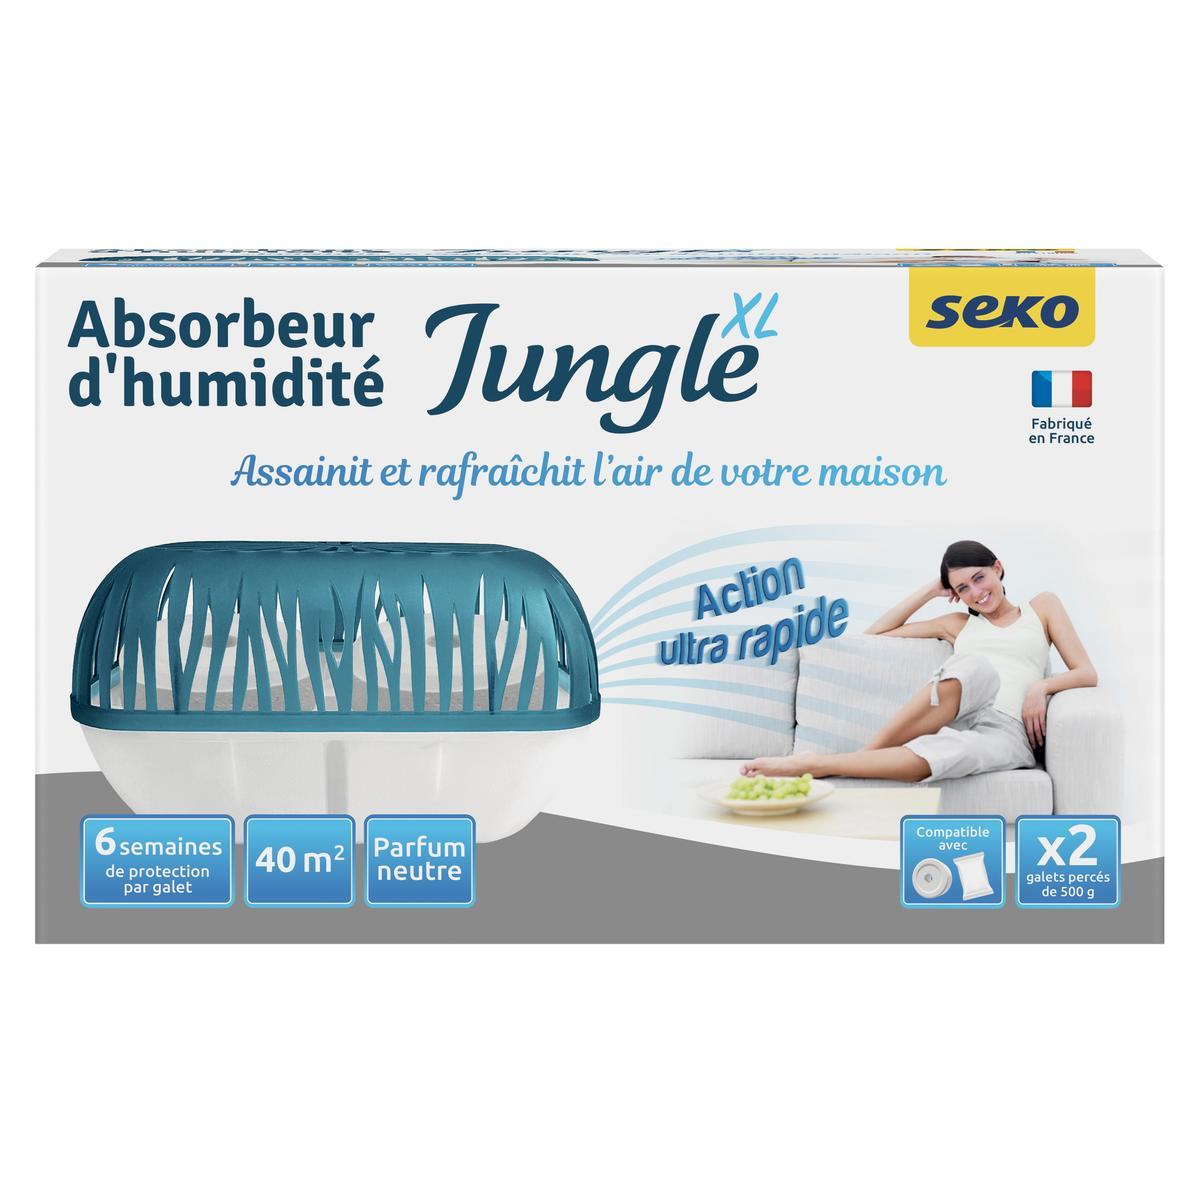 Absorbeur D Humidité Avis livraison à domicile seko absorbeur d'humidité jungle xl + 2 recharges